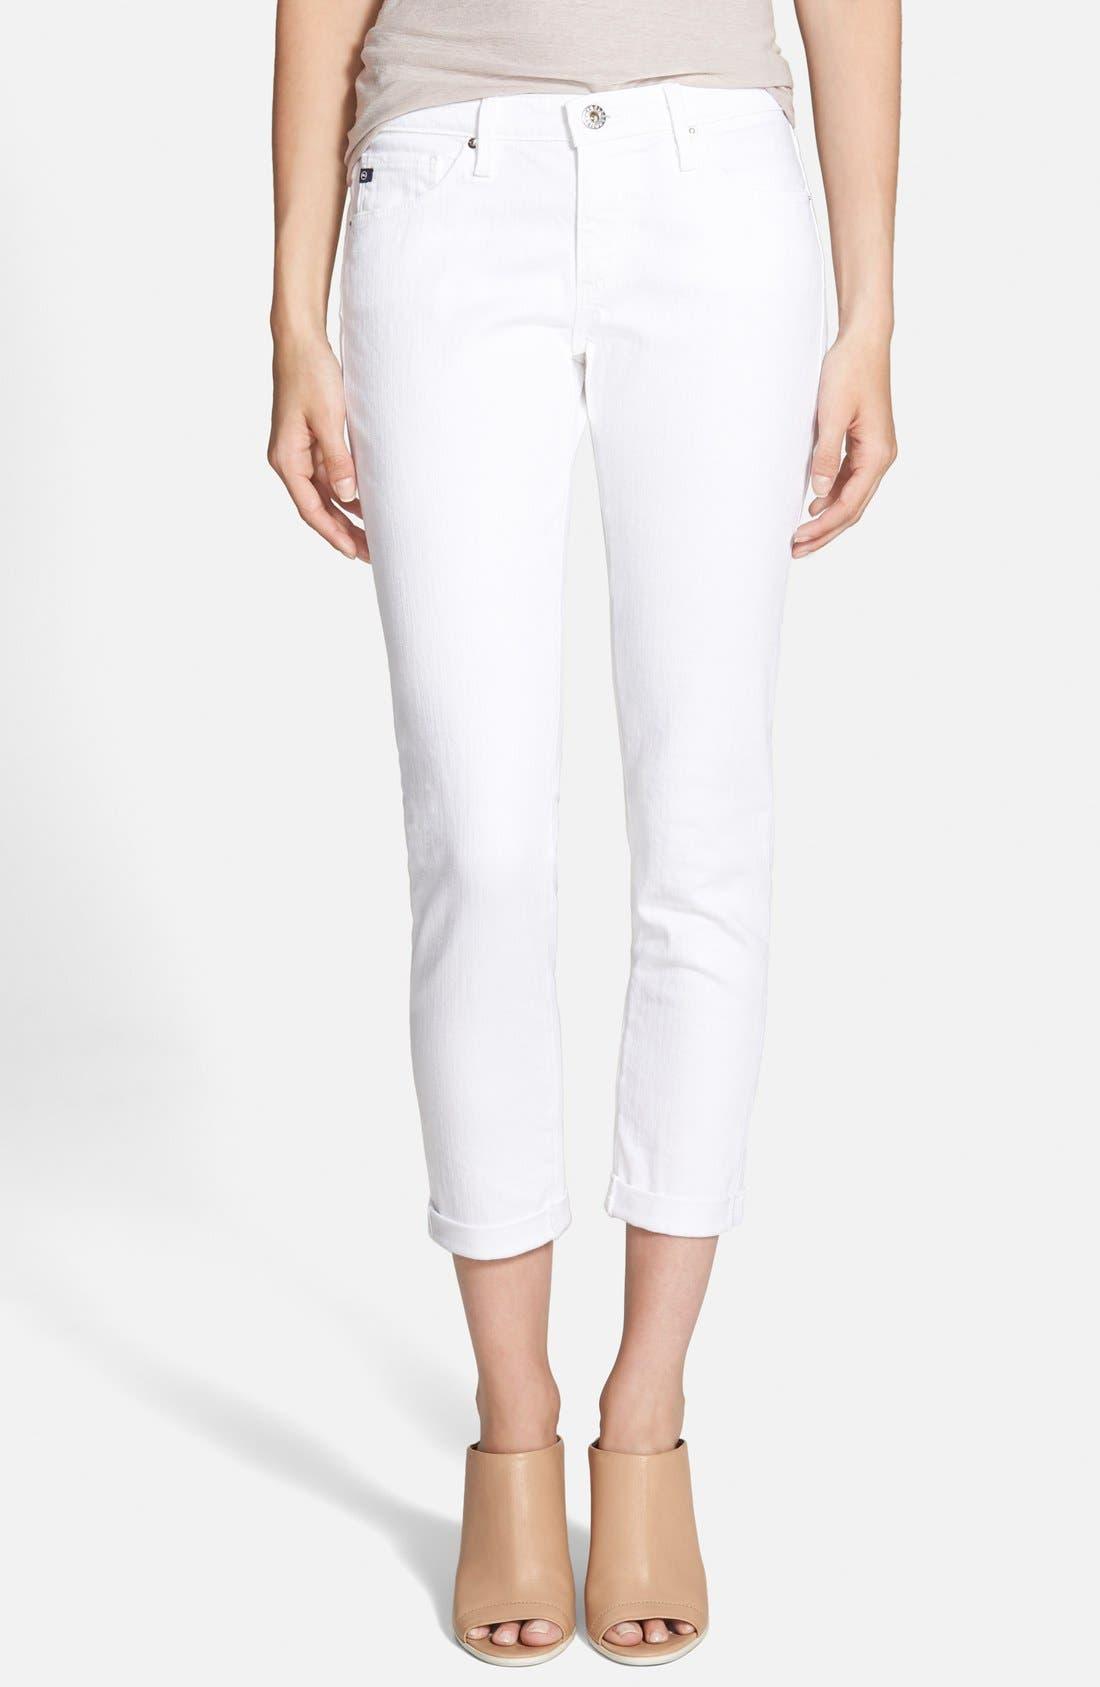 Alternate Image 1 Selected - AG 'Stilt' Roll Cuff Skinny Jeans (White)